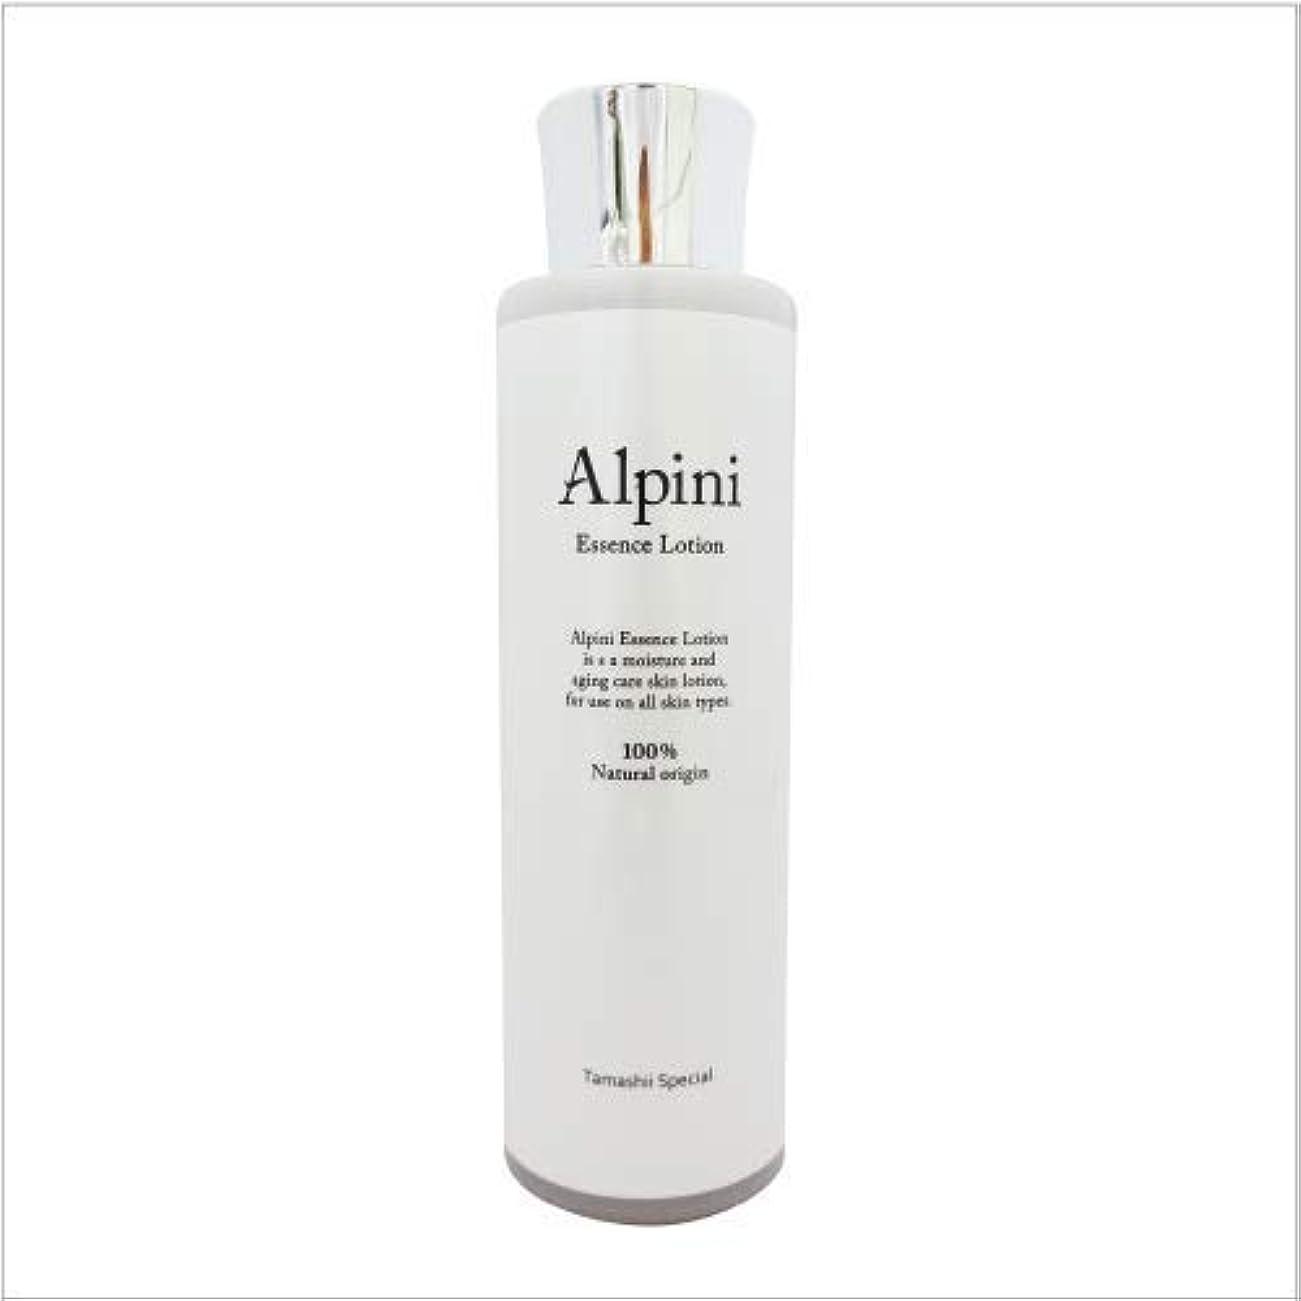 アルピニエッセンスローション150ml オーガニック無添加保湿化粧水 界面活性剤?石油由来原料?シリコン?ポリマー?エタノール不使用 ノンケミカル化粧水無添加